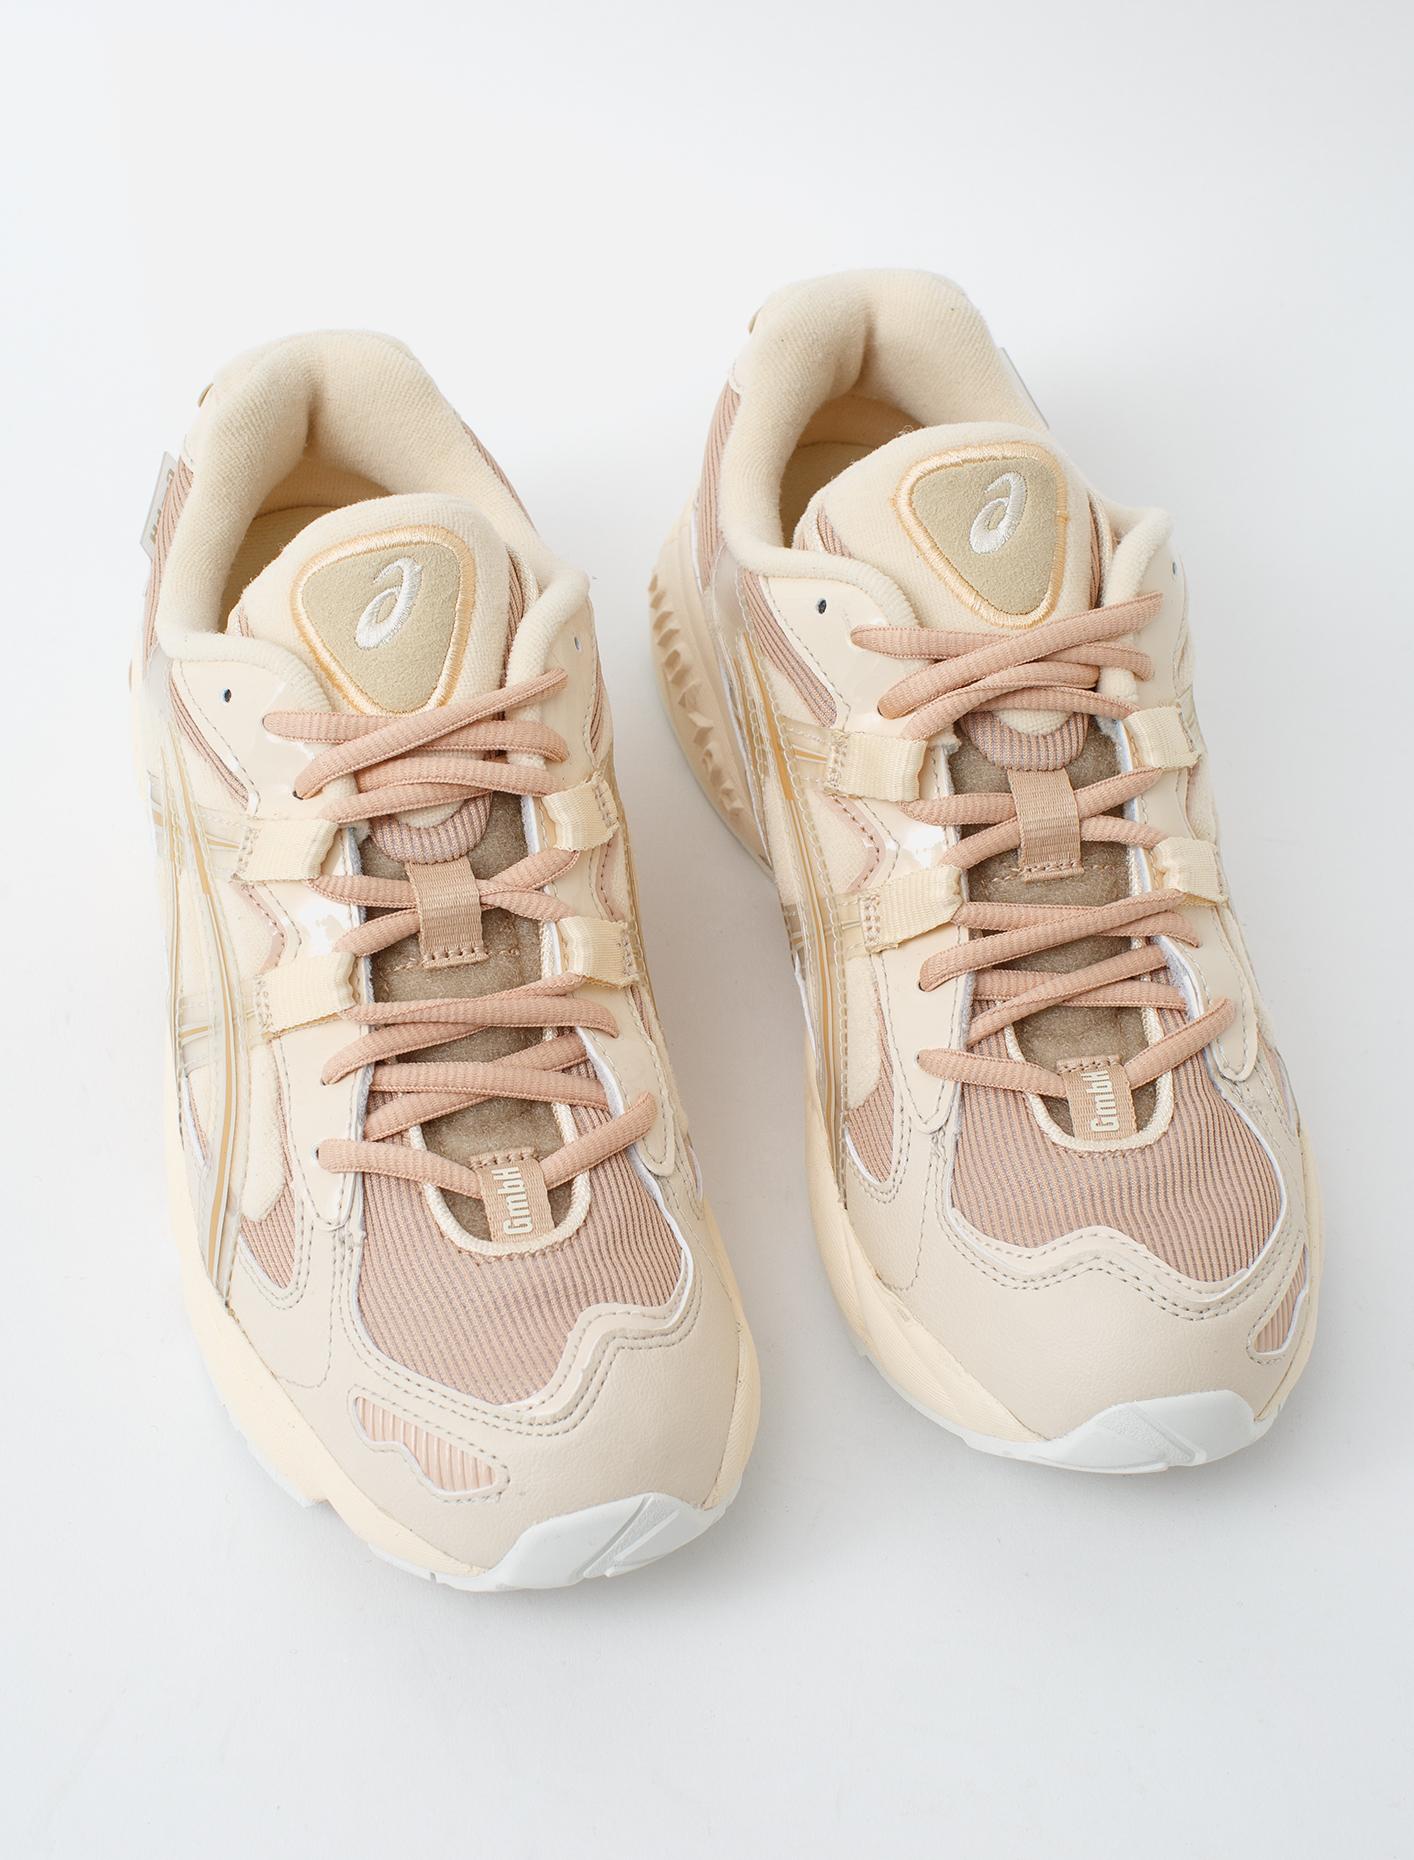 Asics x GmbH GEL Kayano 5 OG Sneaker